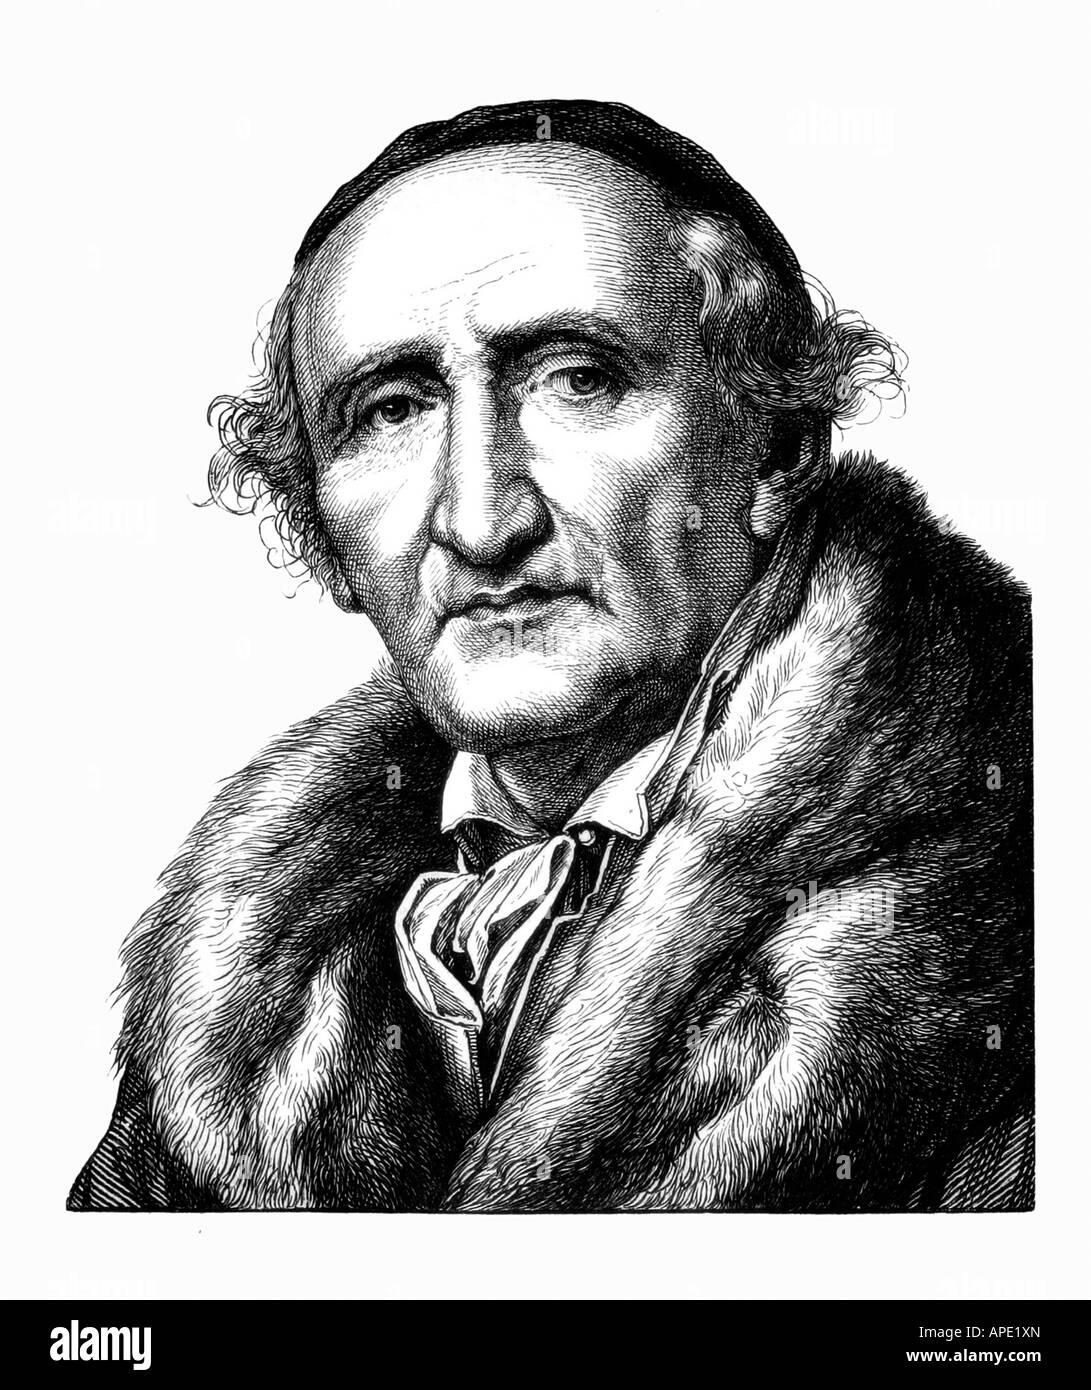 Schadow, Johann Gottfried, 20.5.1764 - 27.1.1850, deutscher Bildhauer, Porträt, Stahlstich, Jahrhundert, Artist's Urheberrecht nicht gelöscht werden Stockfoto